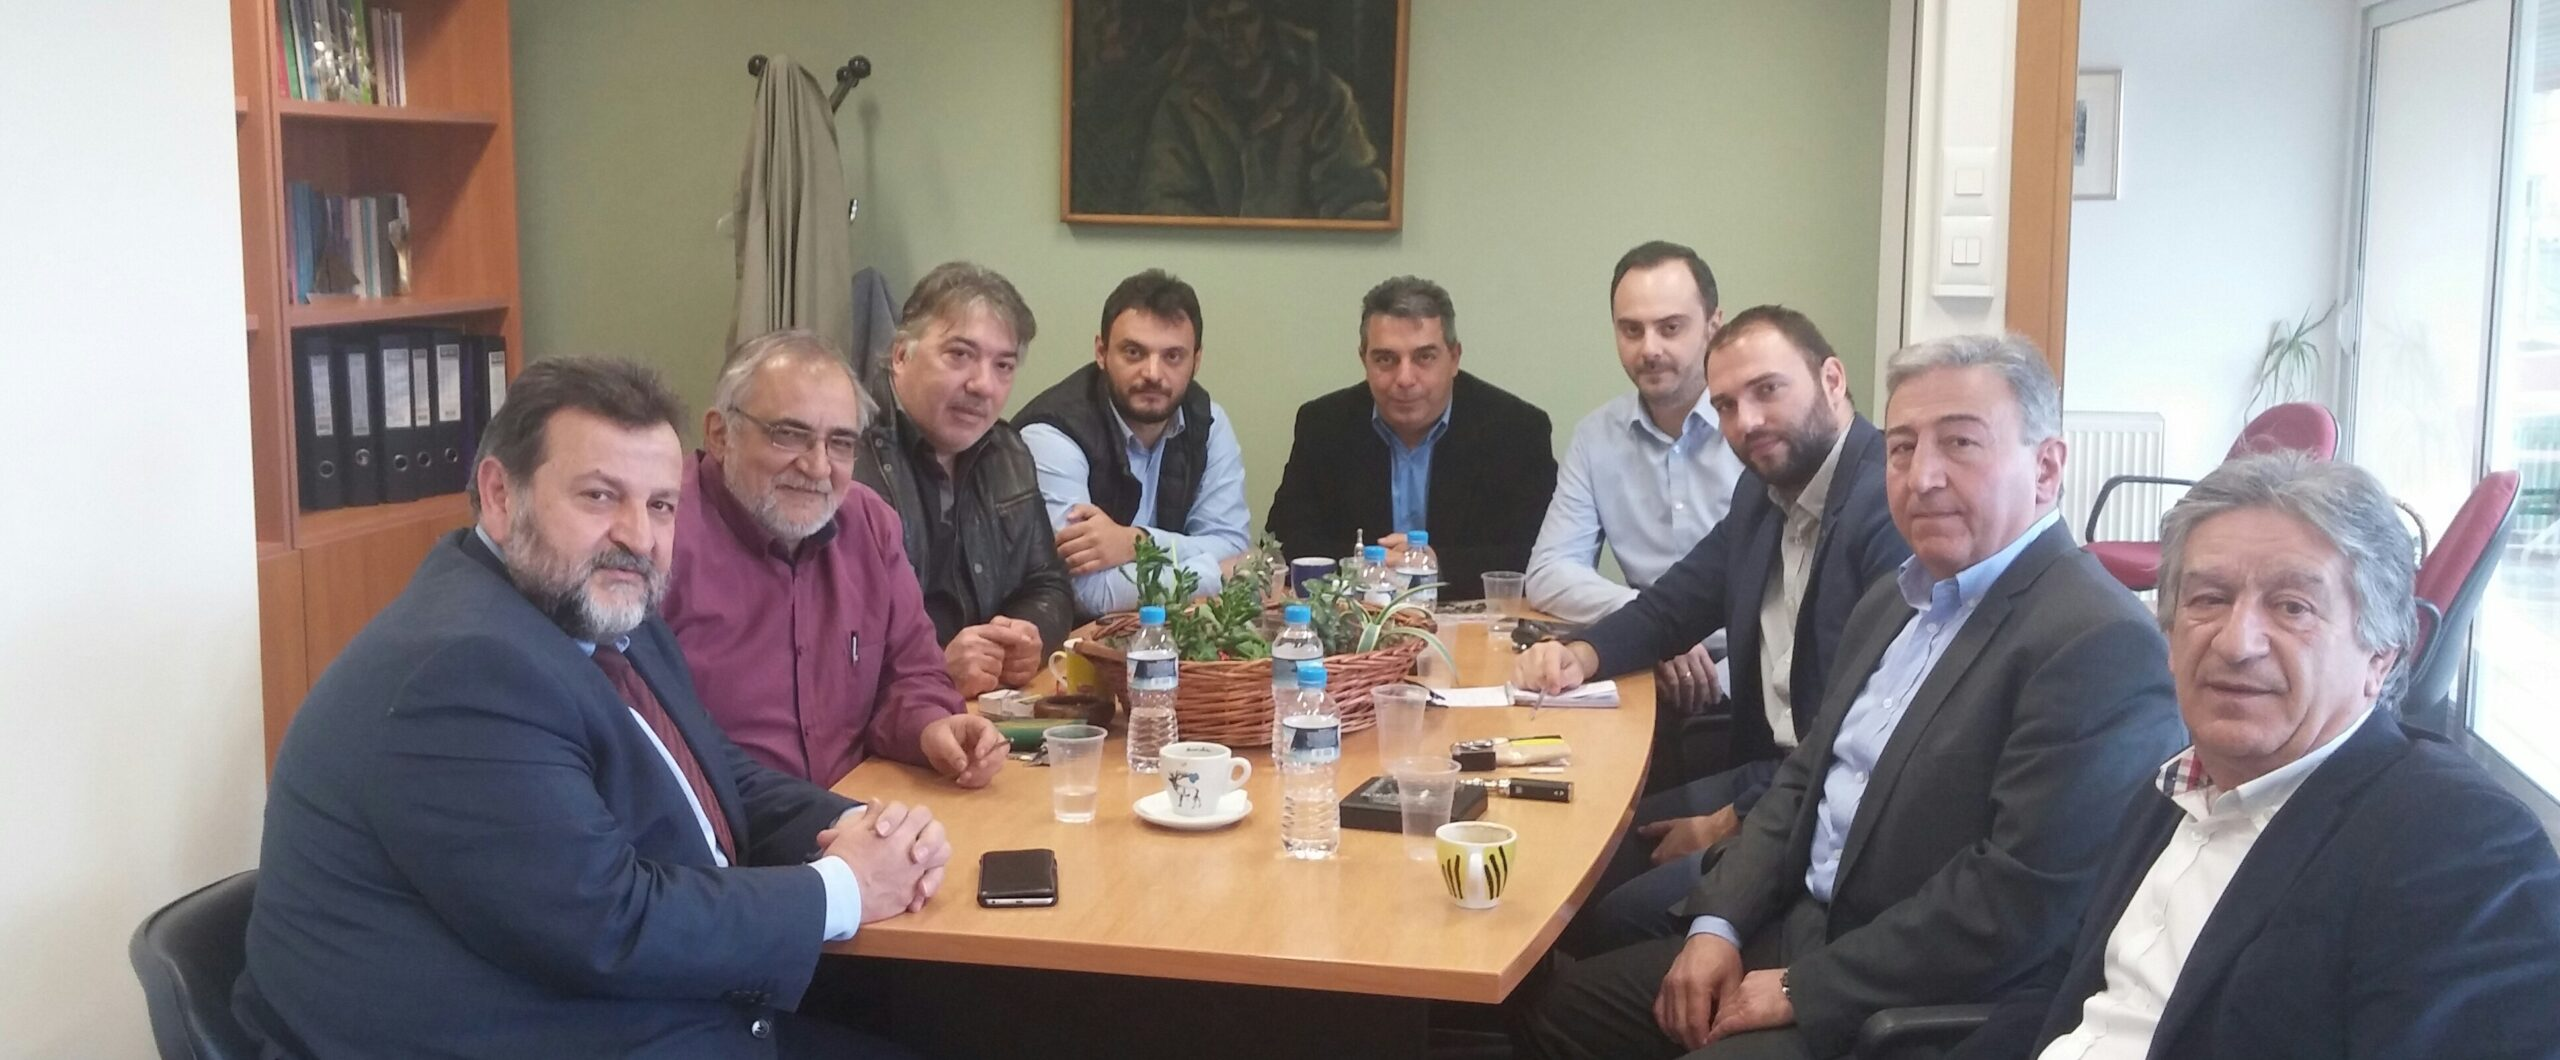 Επίσκεψη του Β. Κεγκέρογλου στο Ε.Κ.Θ.